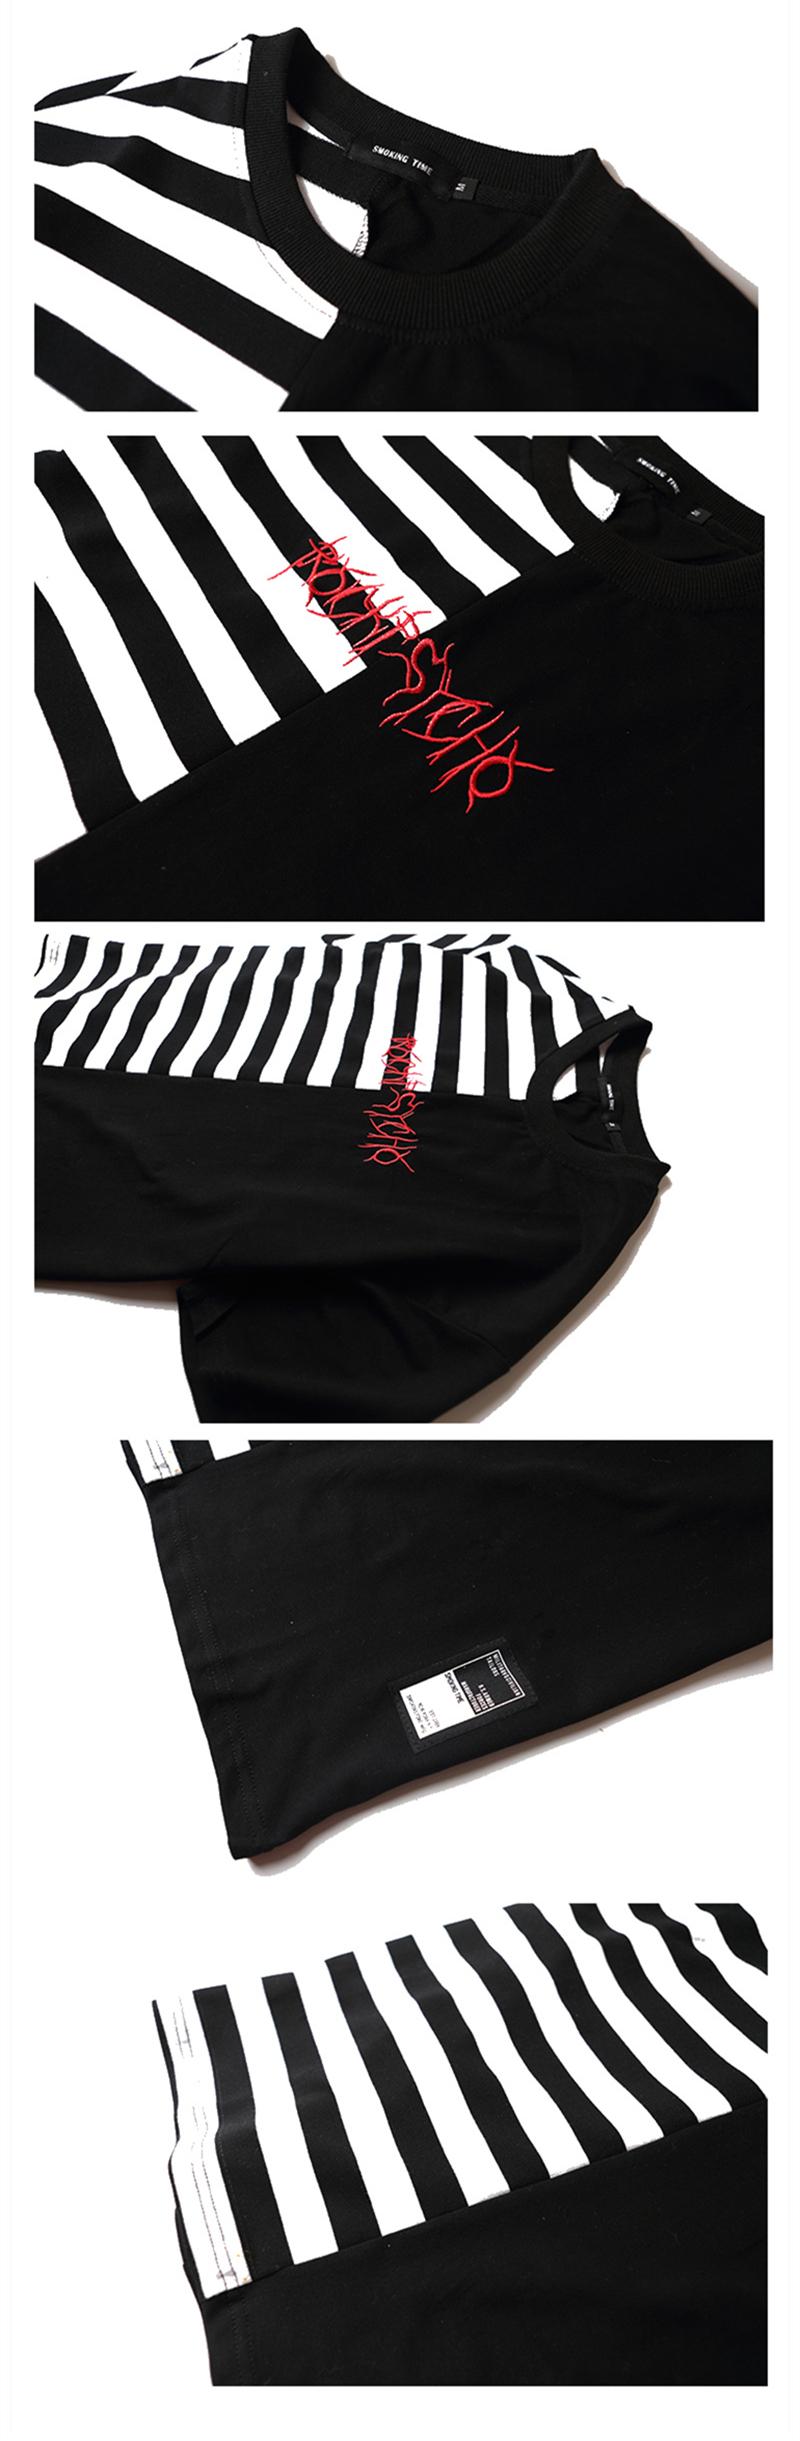 HTB14Tv6PpXXXXaiXXXXq6xXFXXXl - Striped T-shirt 2017 Summer Hip Hop kanye west embroidery T Shirts PTC 109